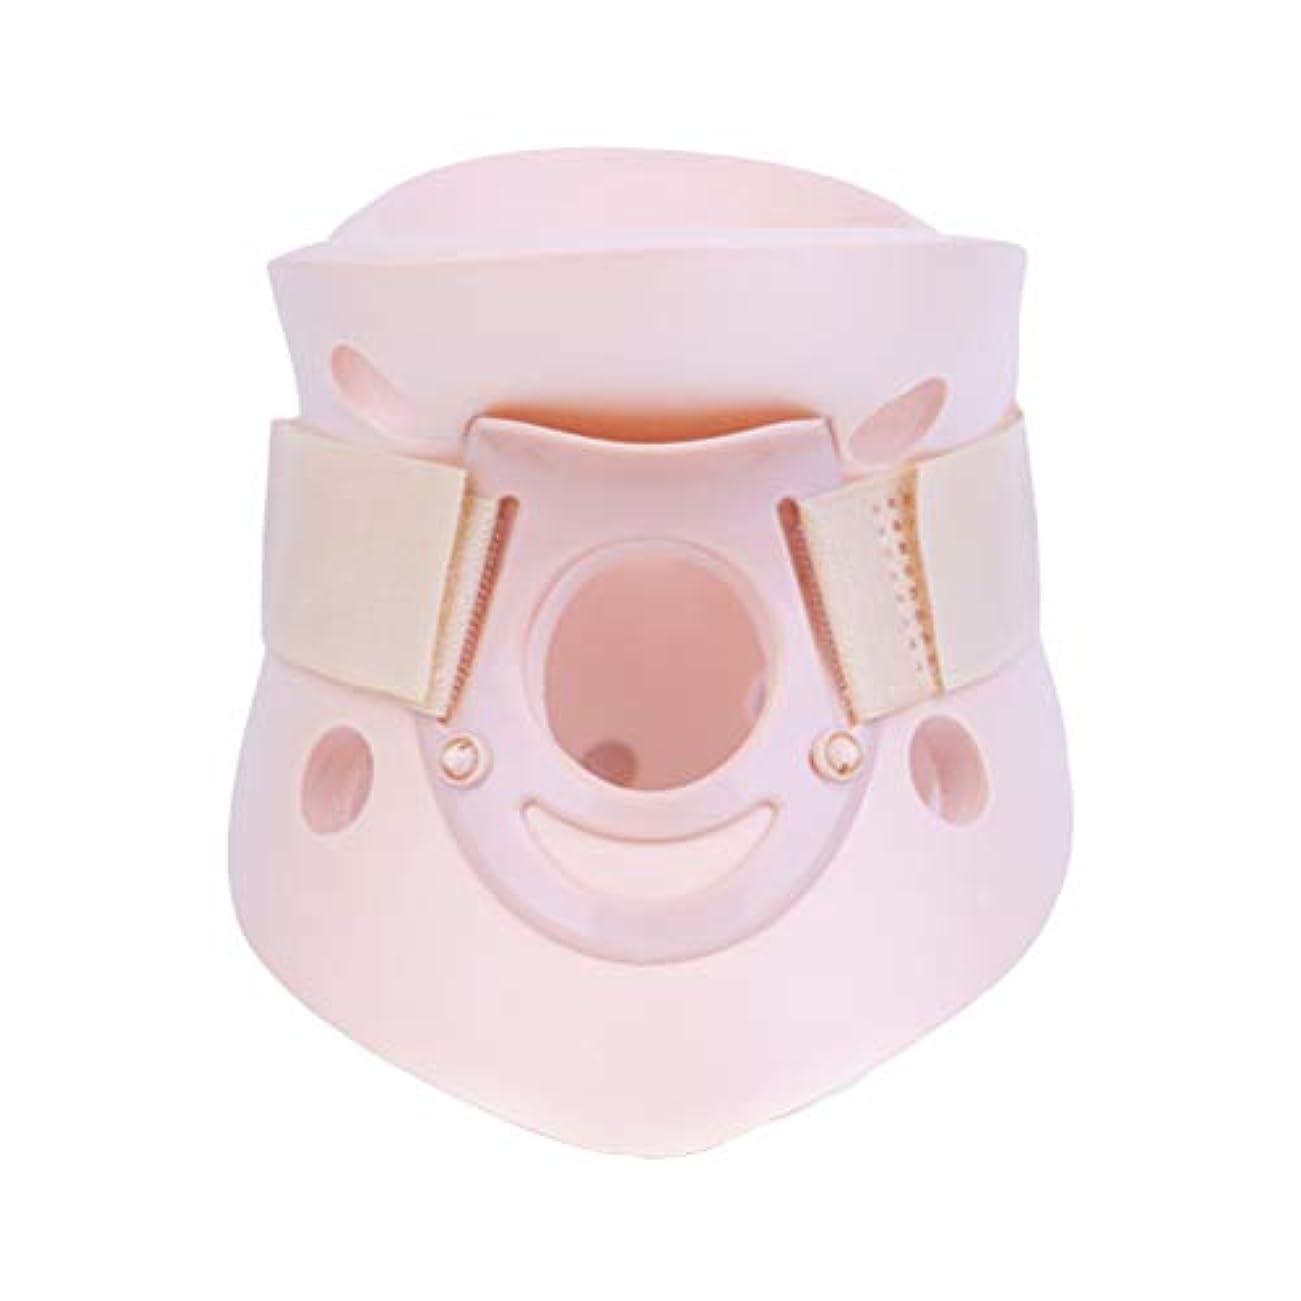 蒸発前兆複数SUPVOX ネックブレース頸部カラーネックサポートにより、脊椎ラップの圧力を緩和し、脊椎を安定させて、カイロプラクティックの慢性的な首の痛み脊椎のアライメントを調整します